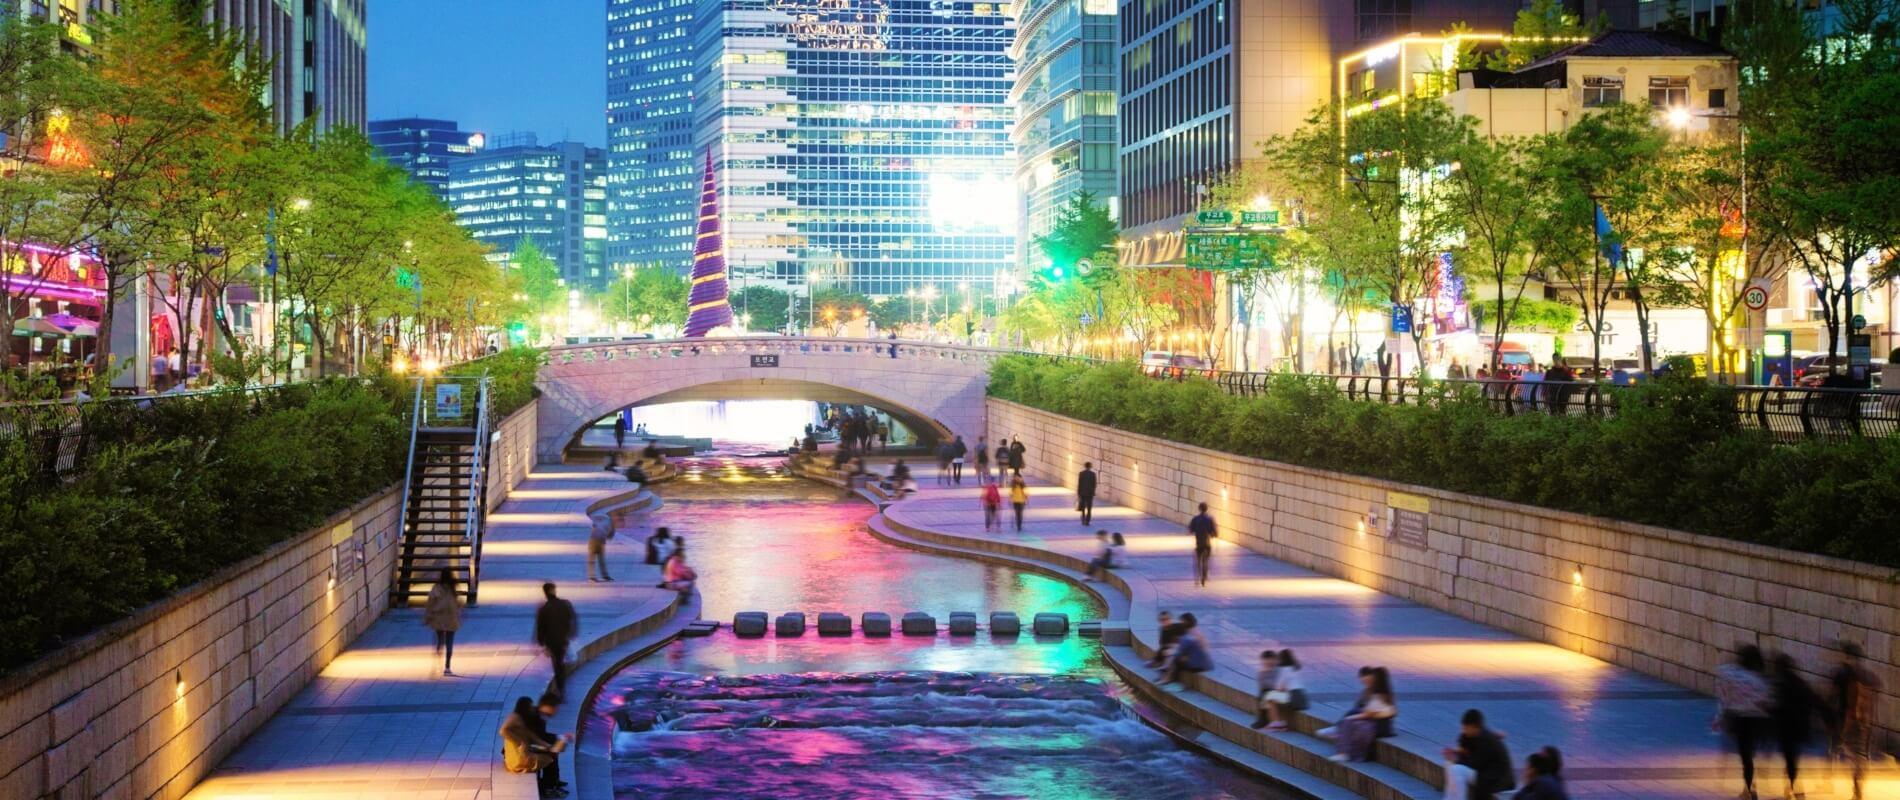 seoul-city-portrait-part-1-banner.jpg